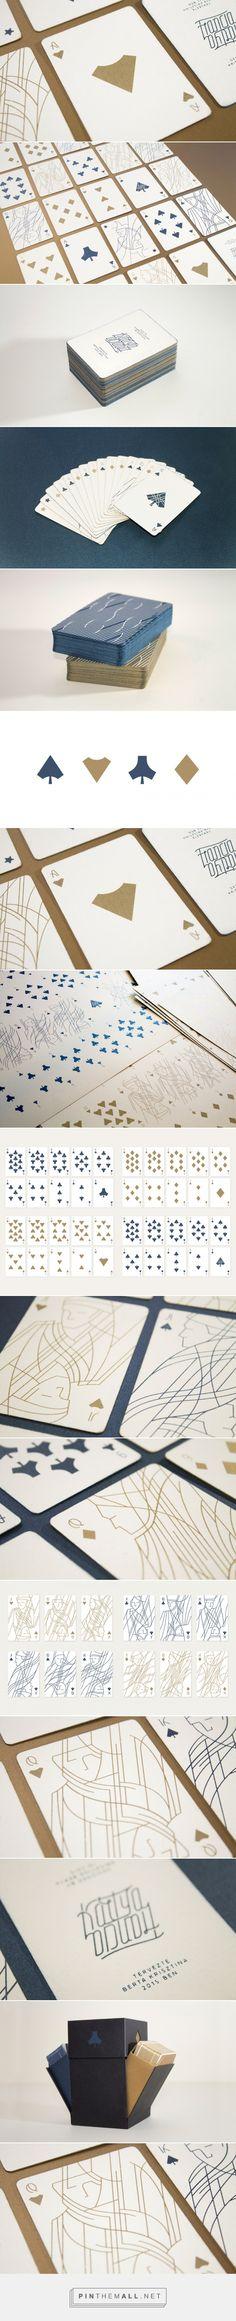 Cartes à jouer épurées par Krisztina Berta - Blog Esprit Design